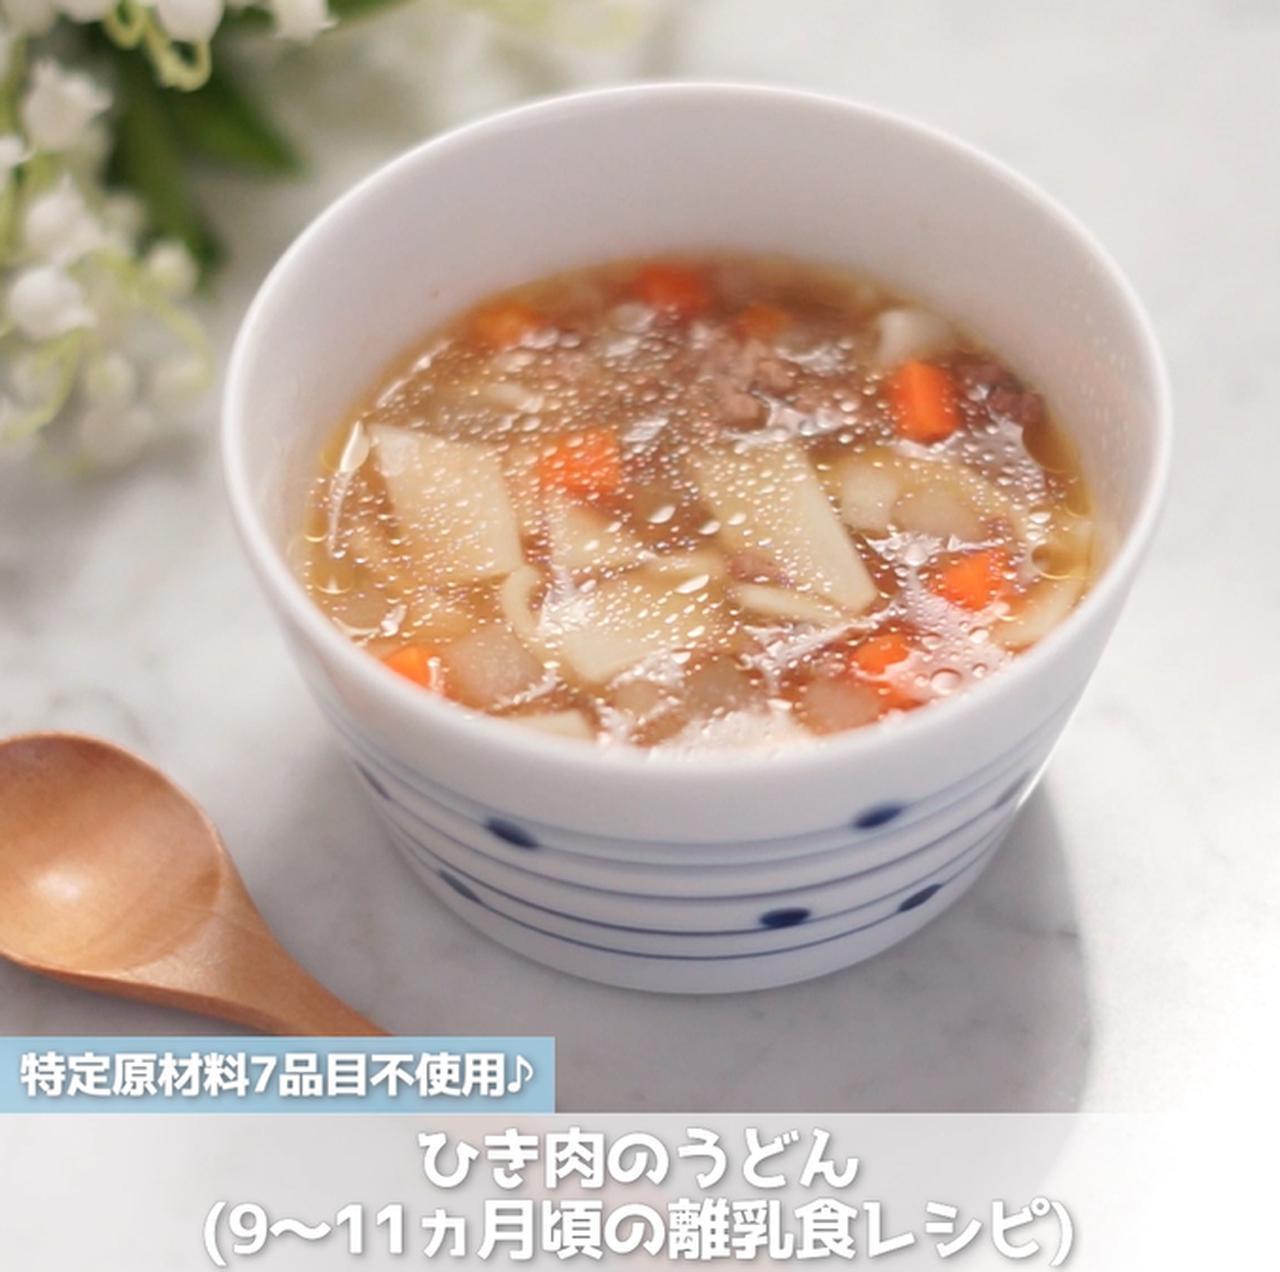 画像: 離乳食レシピ!フォーで作るひき肉うどん - 君とごはん